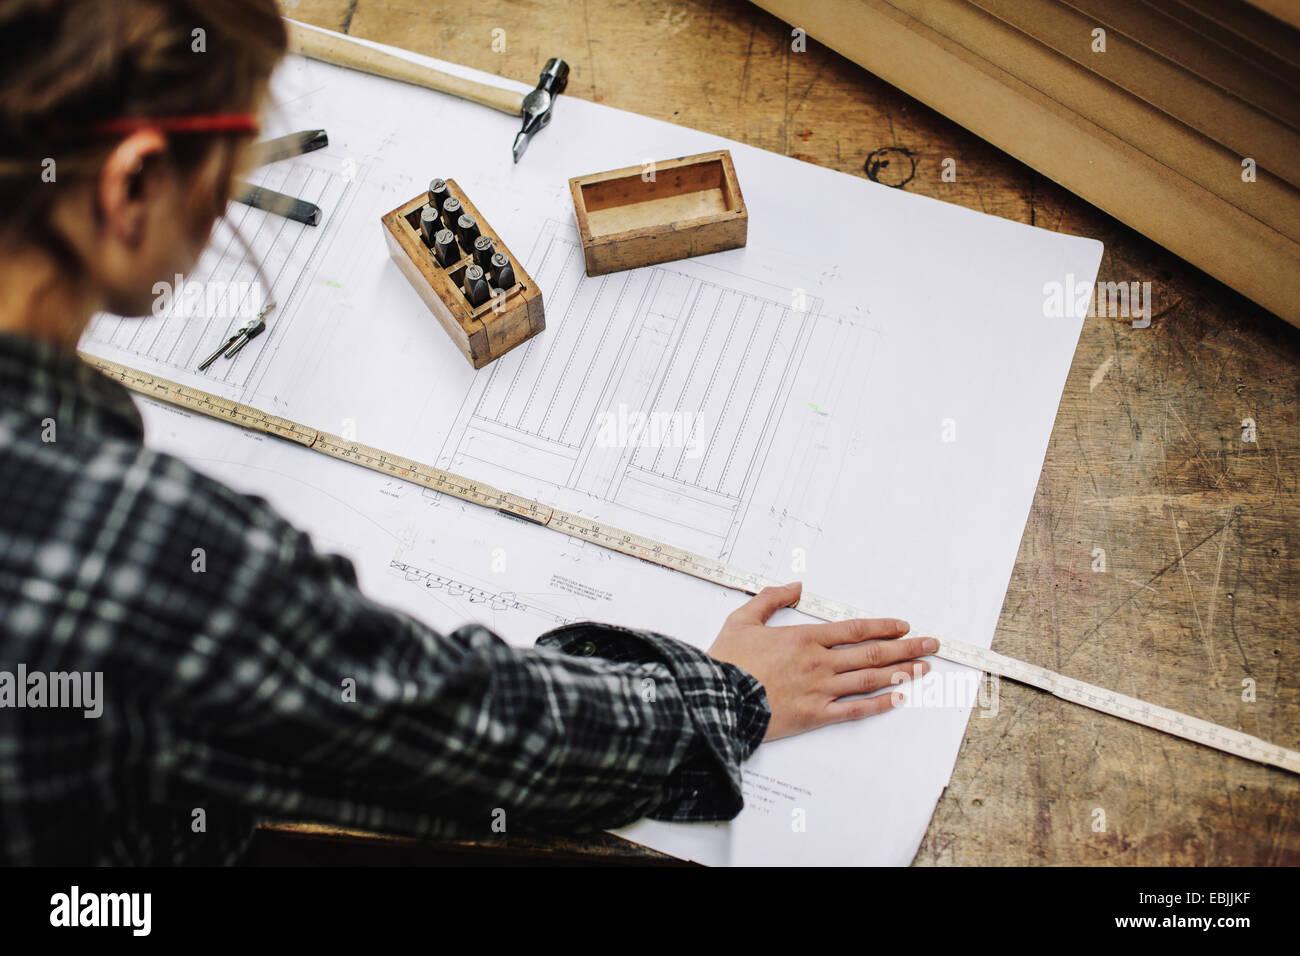 Joven artesana blueprint de medición en taller de órgano de tubos Foto de stock